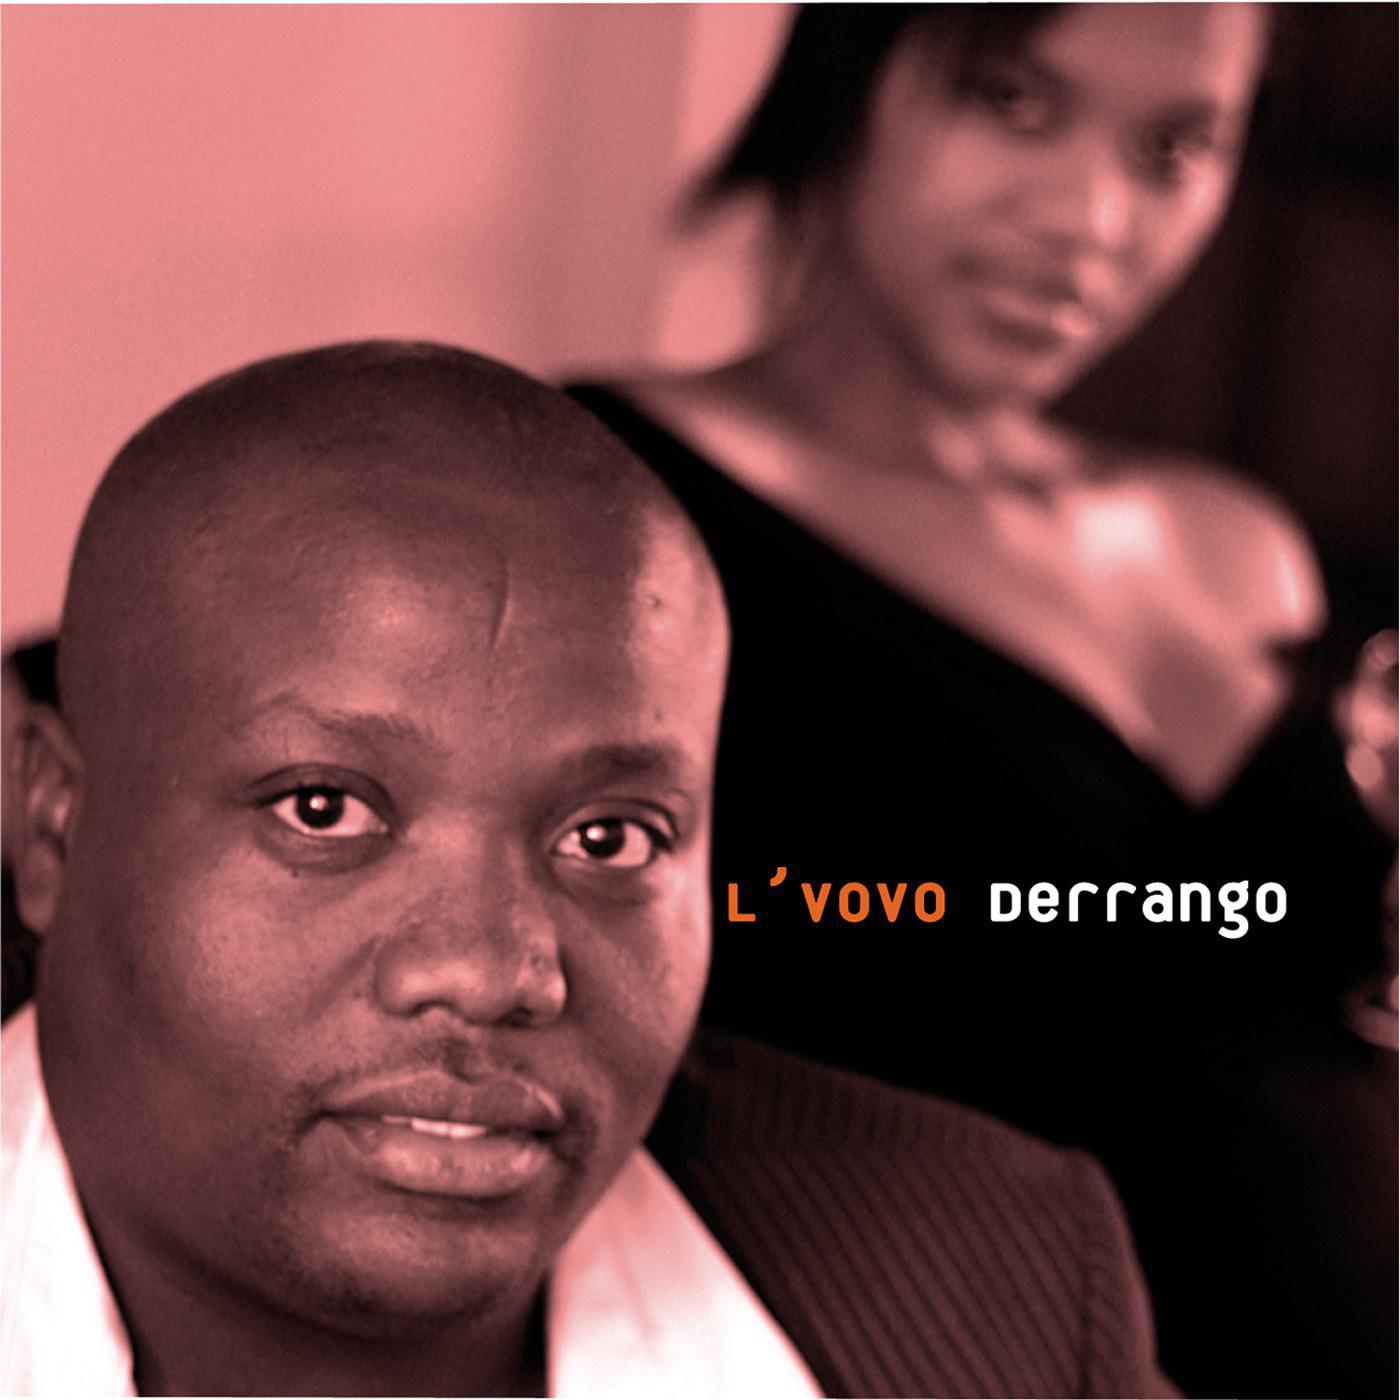 2006 L'vovo Derrango - Thokozani Ndlovu - Sangoma - South African Kwaito Star - First Album - L'vovo Derrango